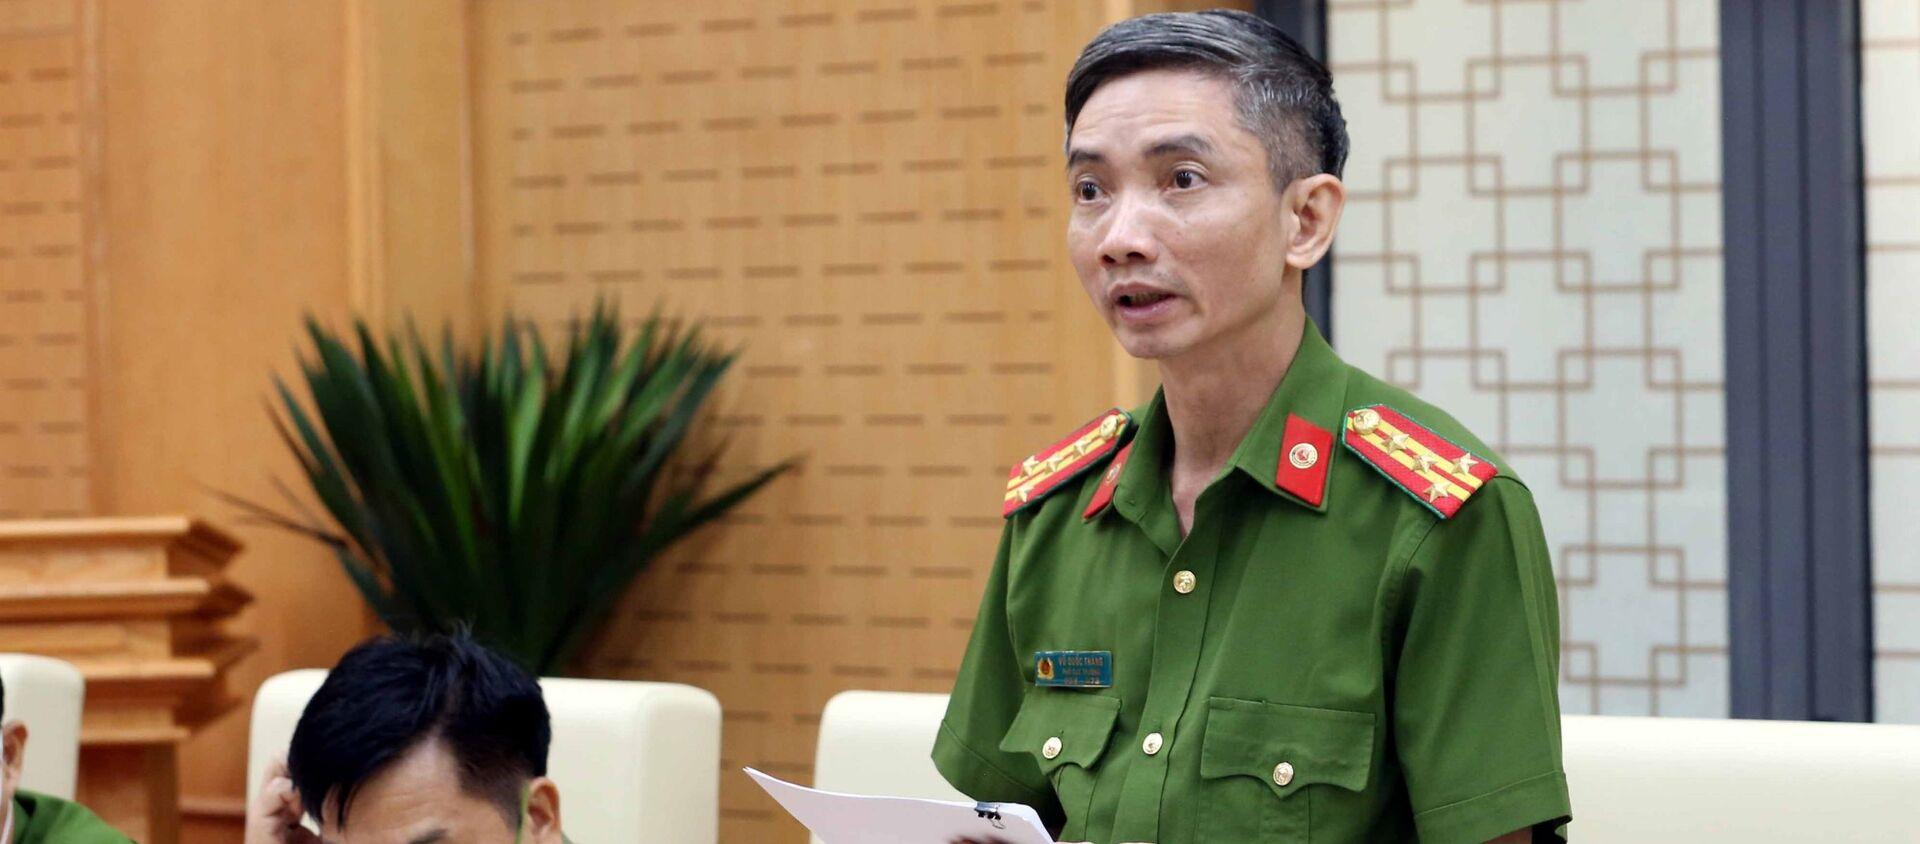 Đại tá Vũ Quốc Thắng, Phó Chánh Văn phòng Cơ quan cảnh sát điều tra trả lời câu hỏi của các phóng viên các cơ quan thông tấn, báo chí - Sputnik Việt Nam, 1920, 21.06.2021